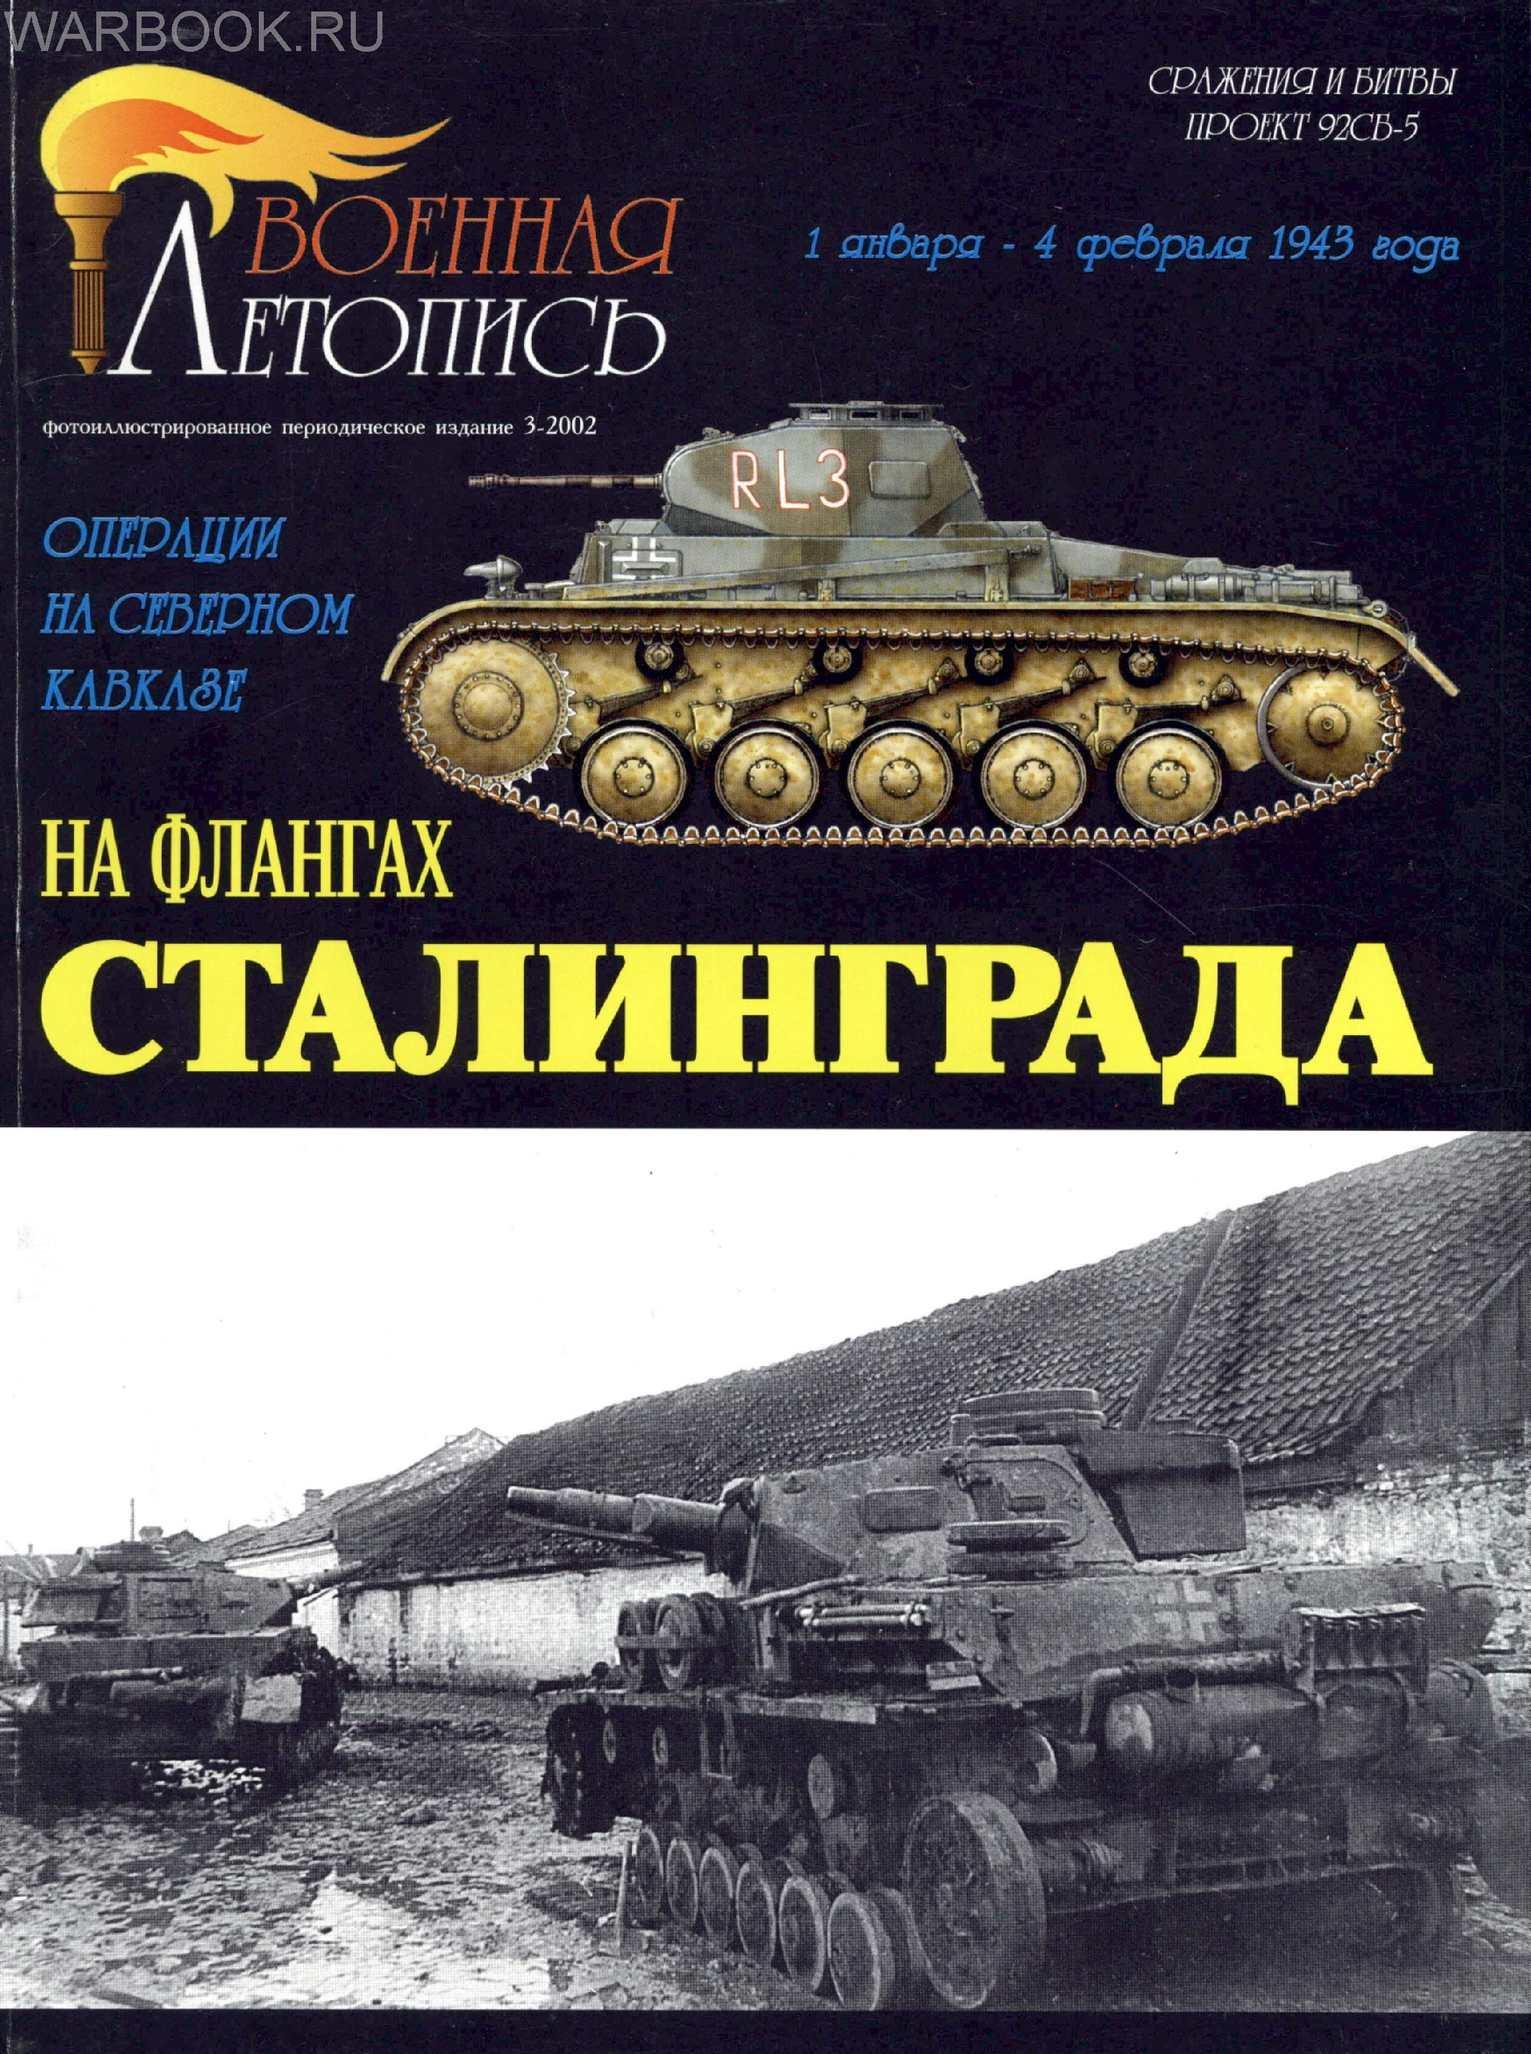 2002_03 - На флангах Сталинграда - Операции на Северном Кавказе - 1 января-4 февраля 1943 года